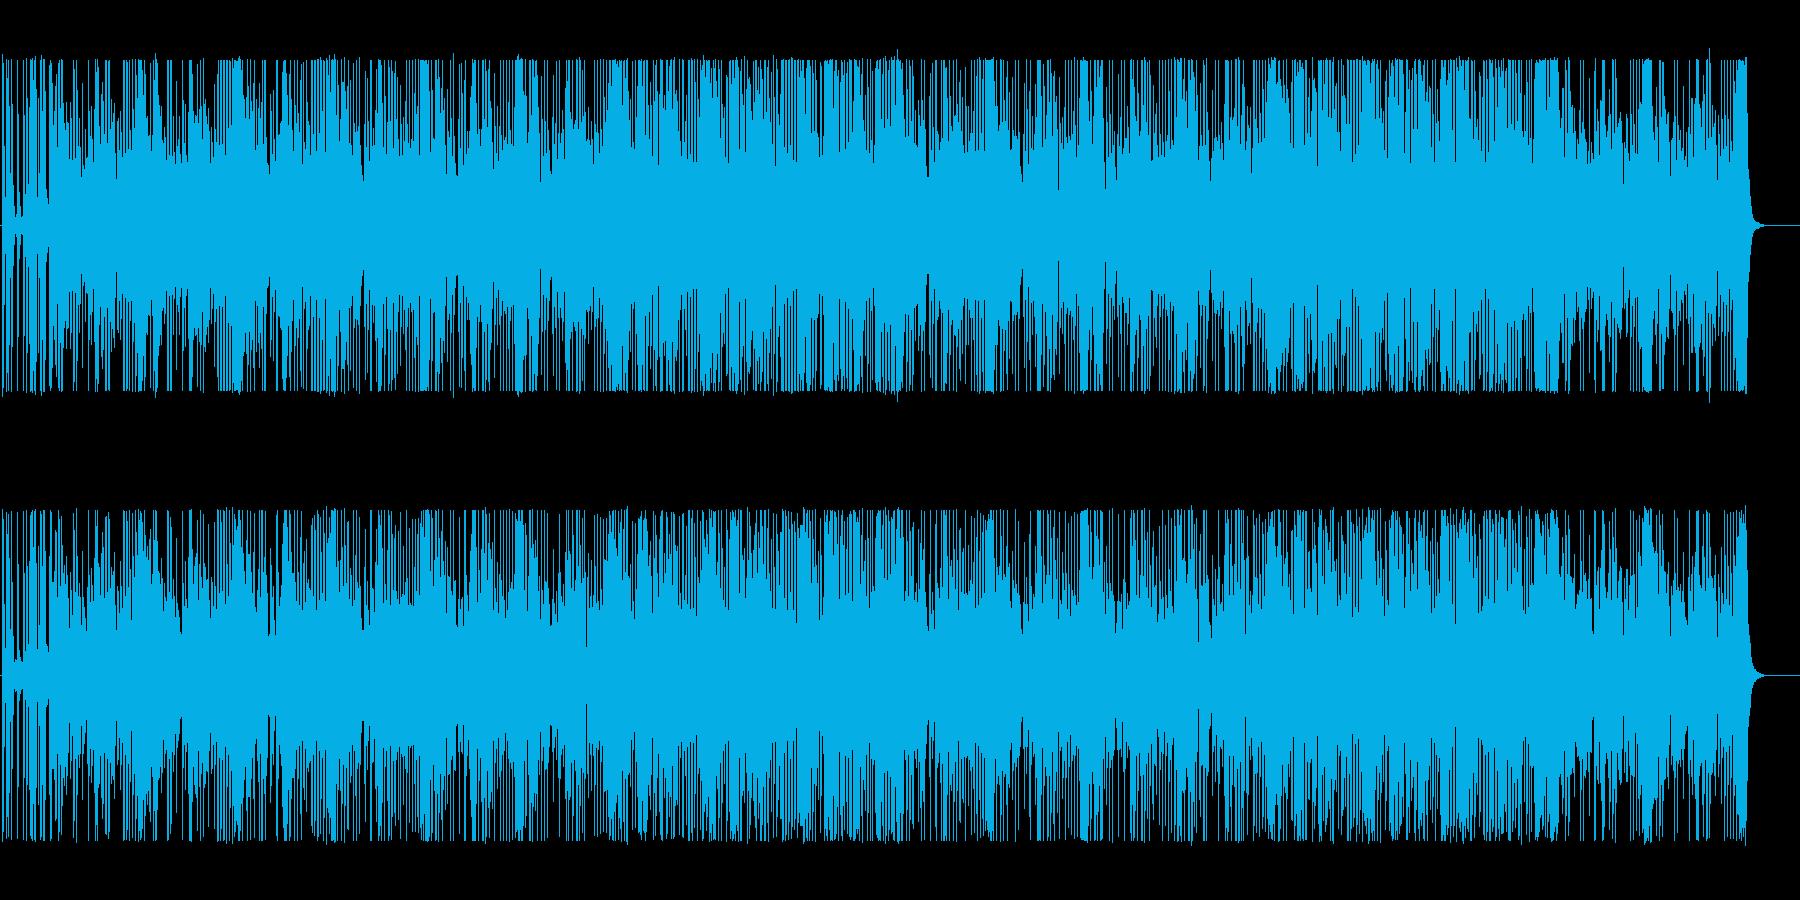 シンセ音がミステリアスなBGMの再生済みの波形